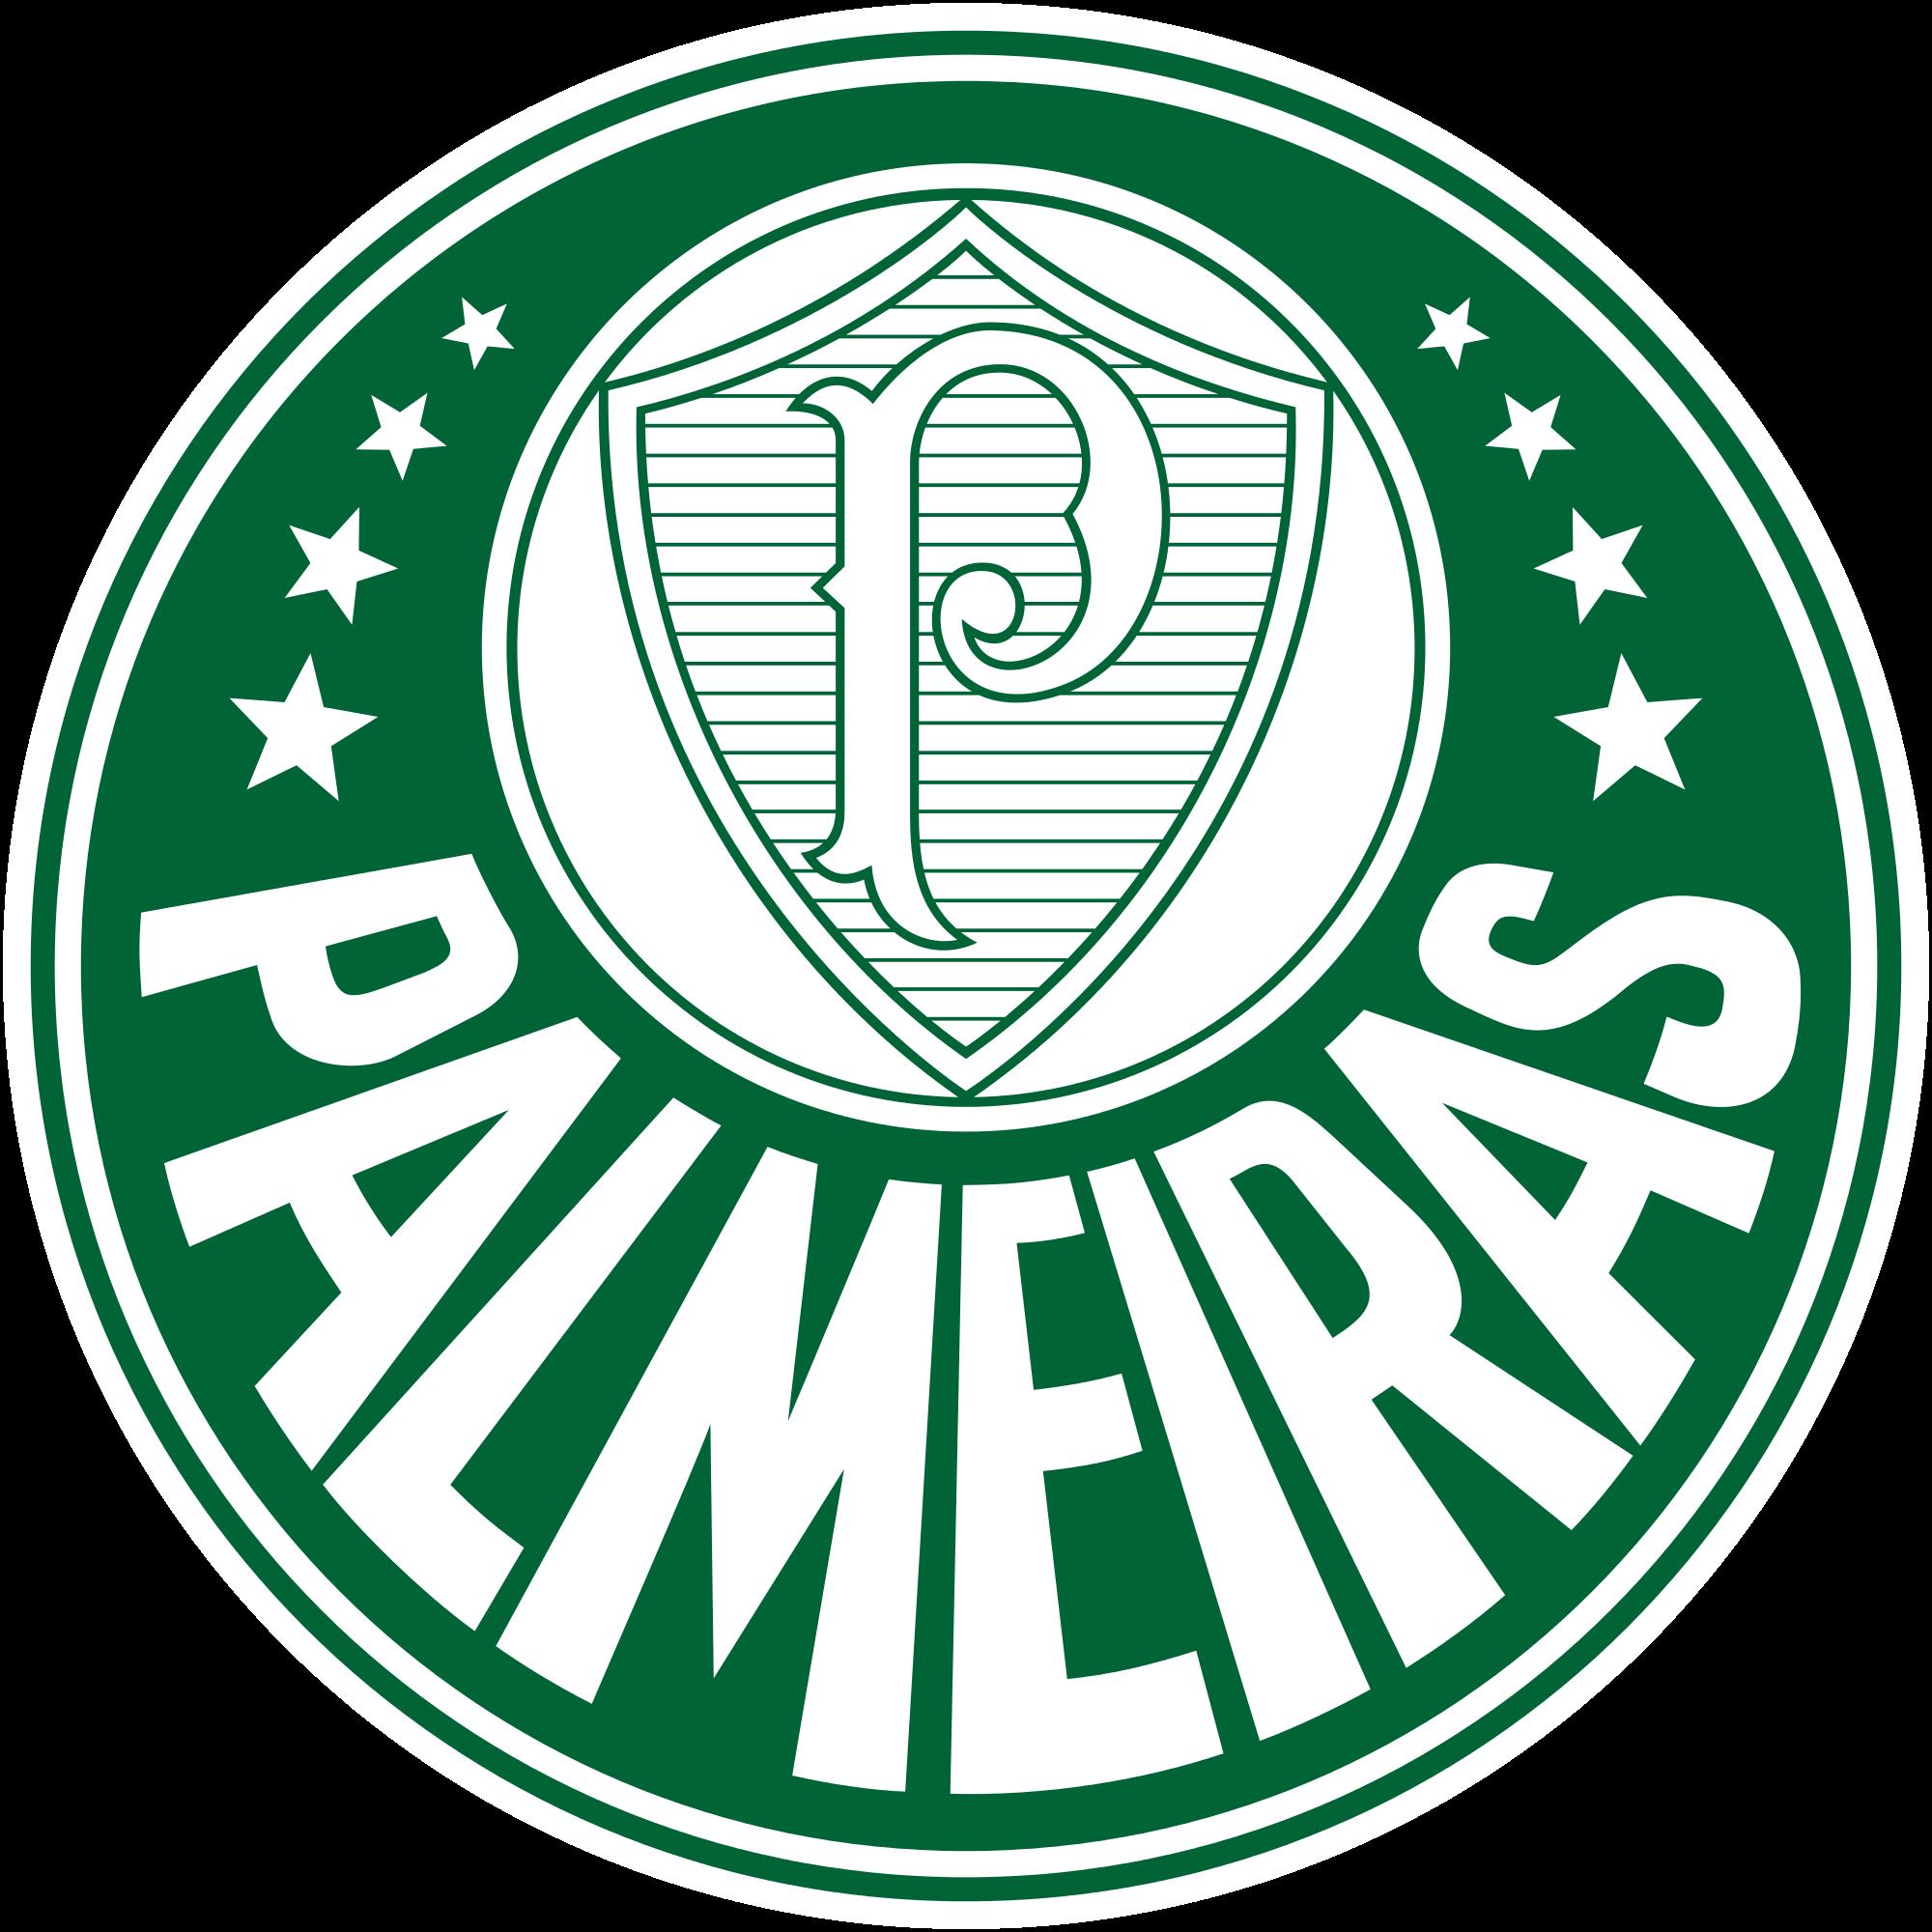 Футбол 10 прогноз крузейро мг бразилия 23 фк 2018 палмейрас сп